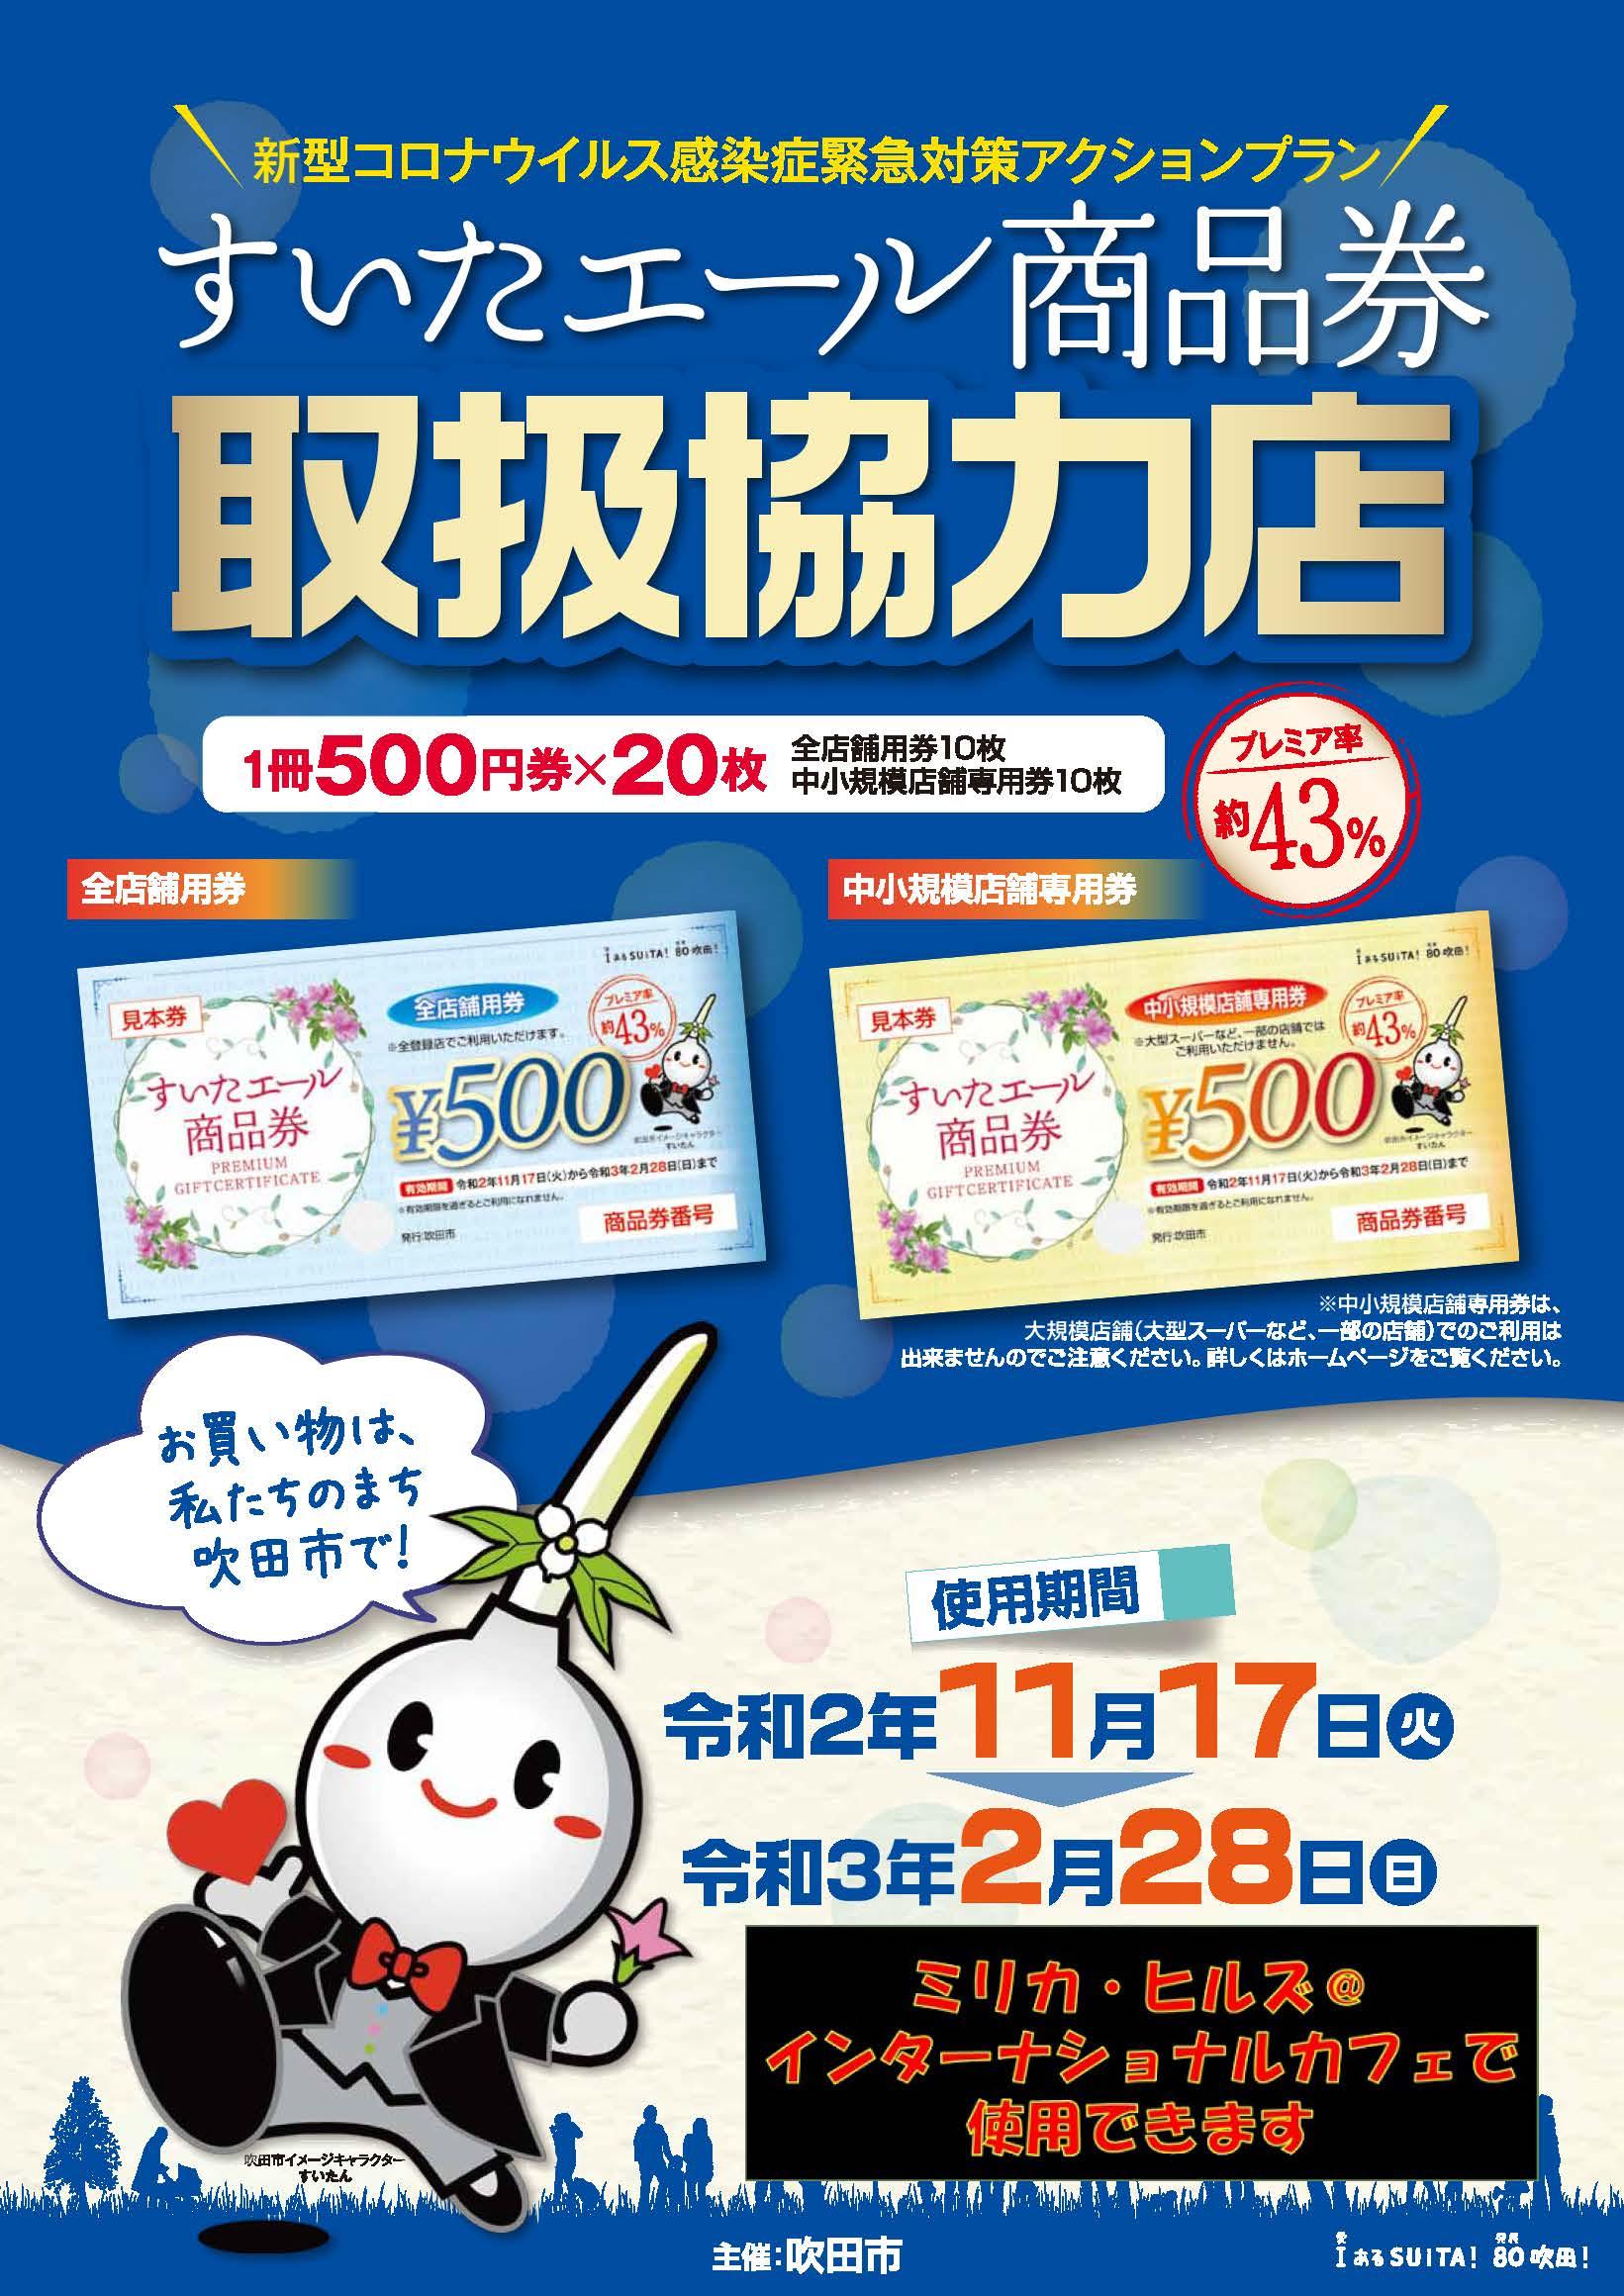 すいたエール商品券の取扱協力店舗@インターナショナルカフェ